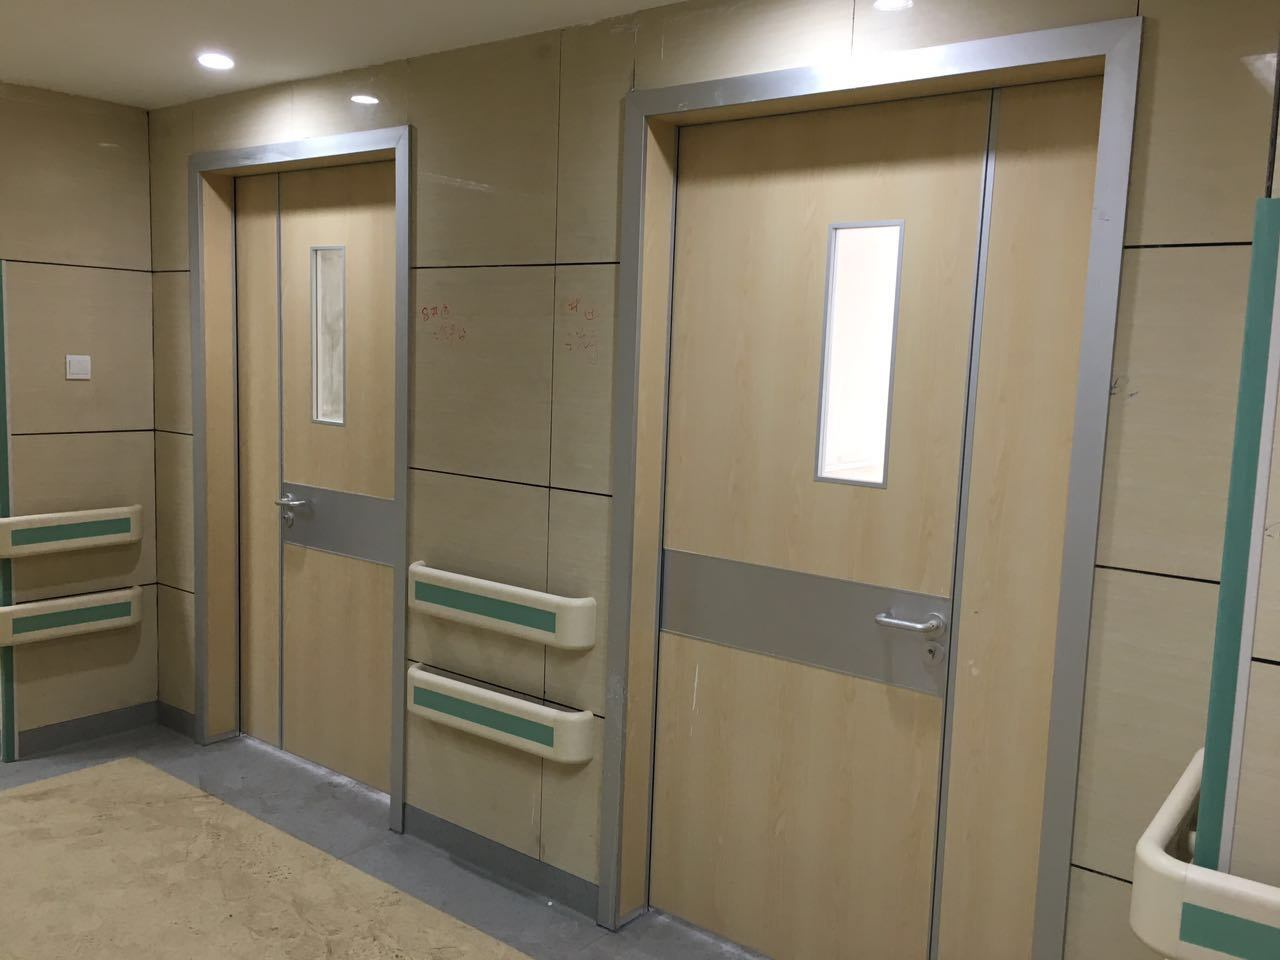 China Hospital Interior Doors For Ward Room China Hospital Doors